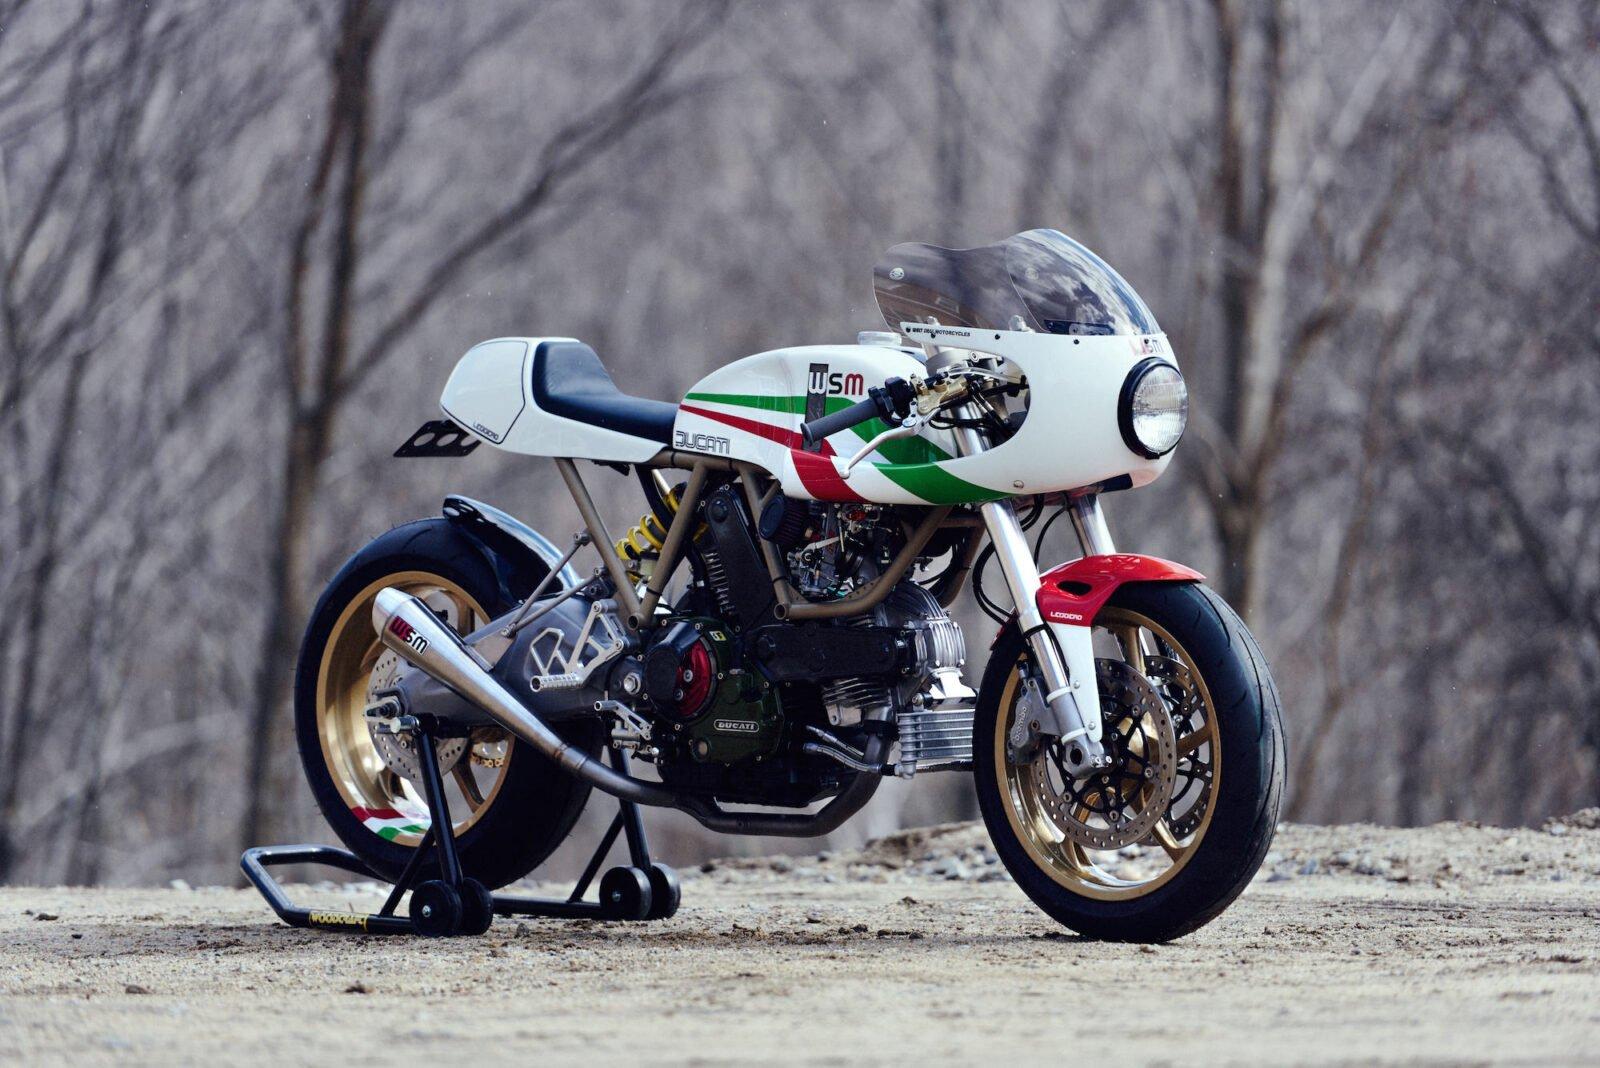 Custom Ducati Motorcycle 9 1600x1068 - Ducati Leggero